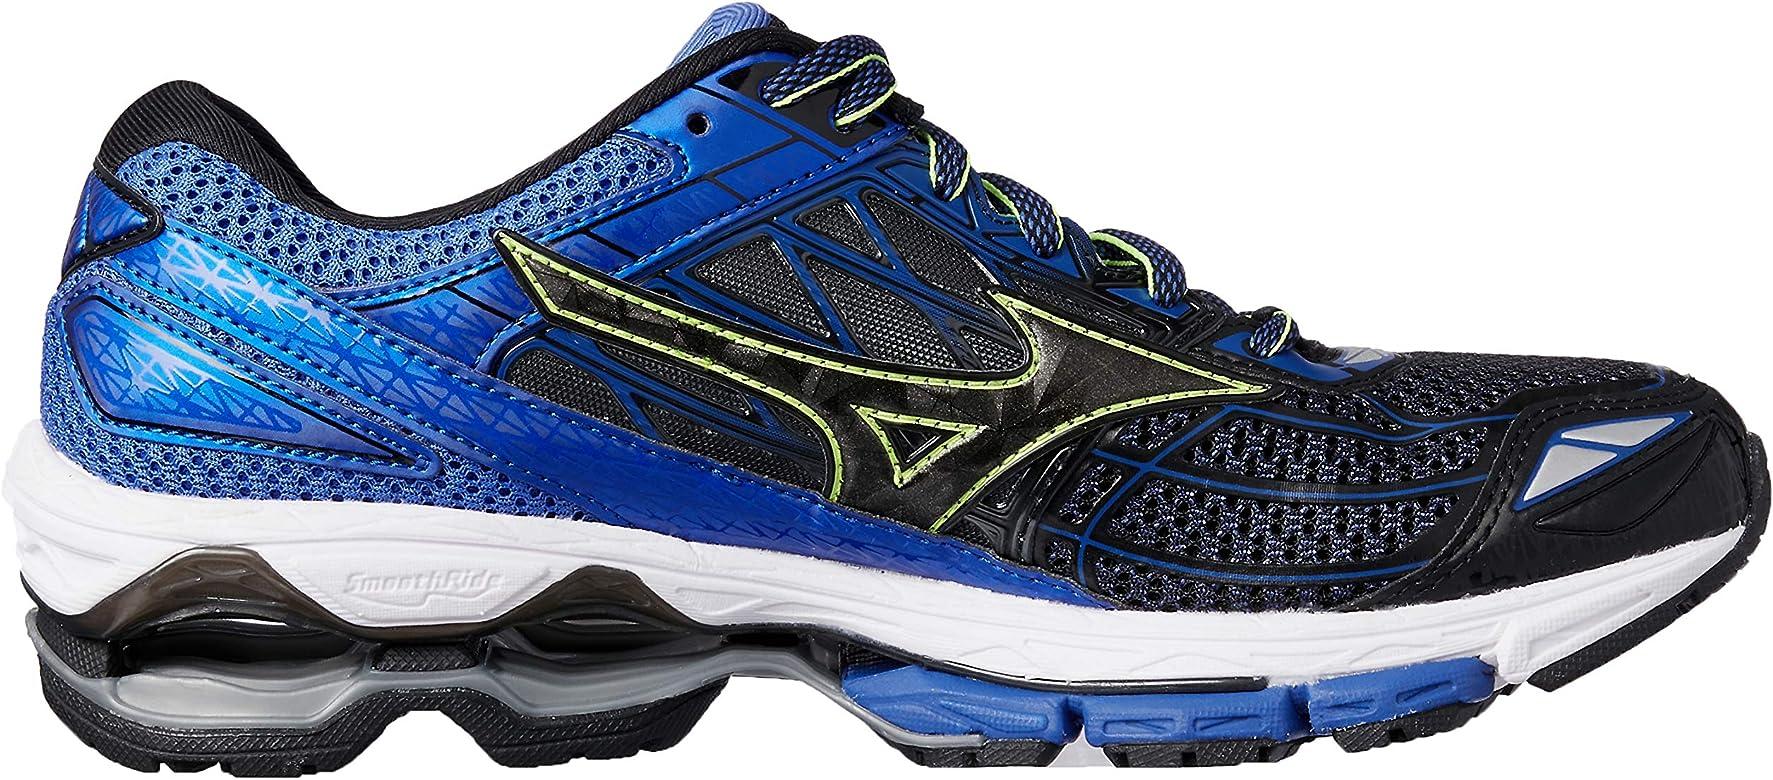 Mizuno Wave Creation 19, Zapatillas de Running para Hombre, Multicolor (Black/Black/dazzlingblue 10), 40.5 EU: Amazon.es: Zapatos y complementos